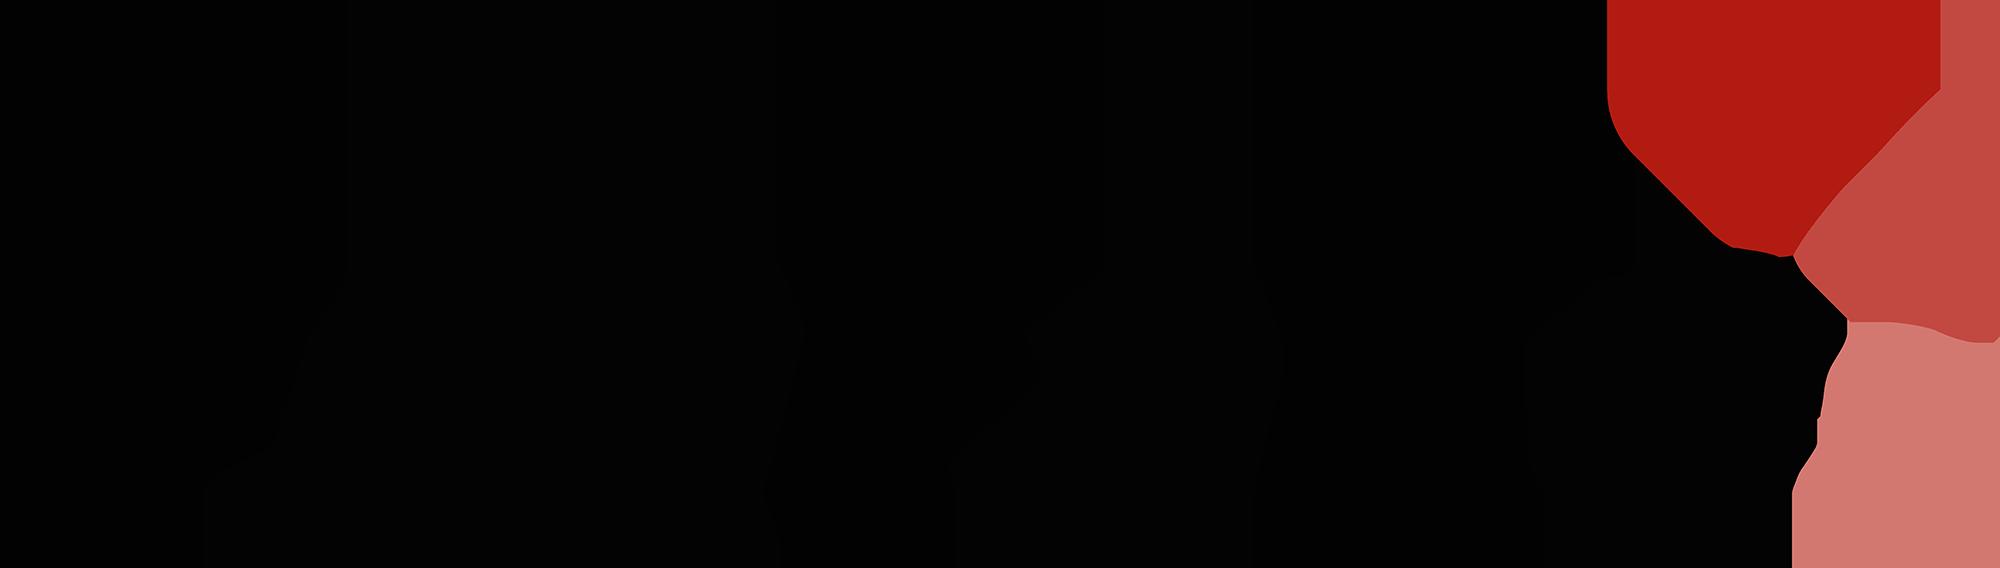 PsyFaKo Logo – 2000Px Width